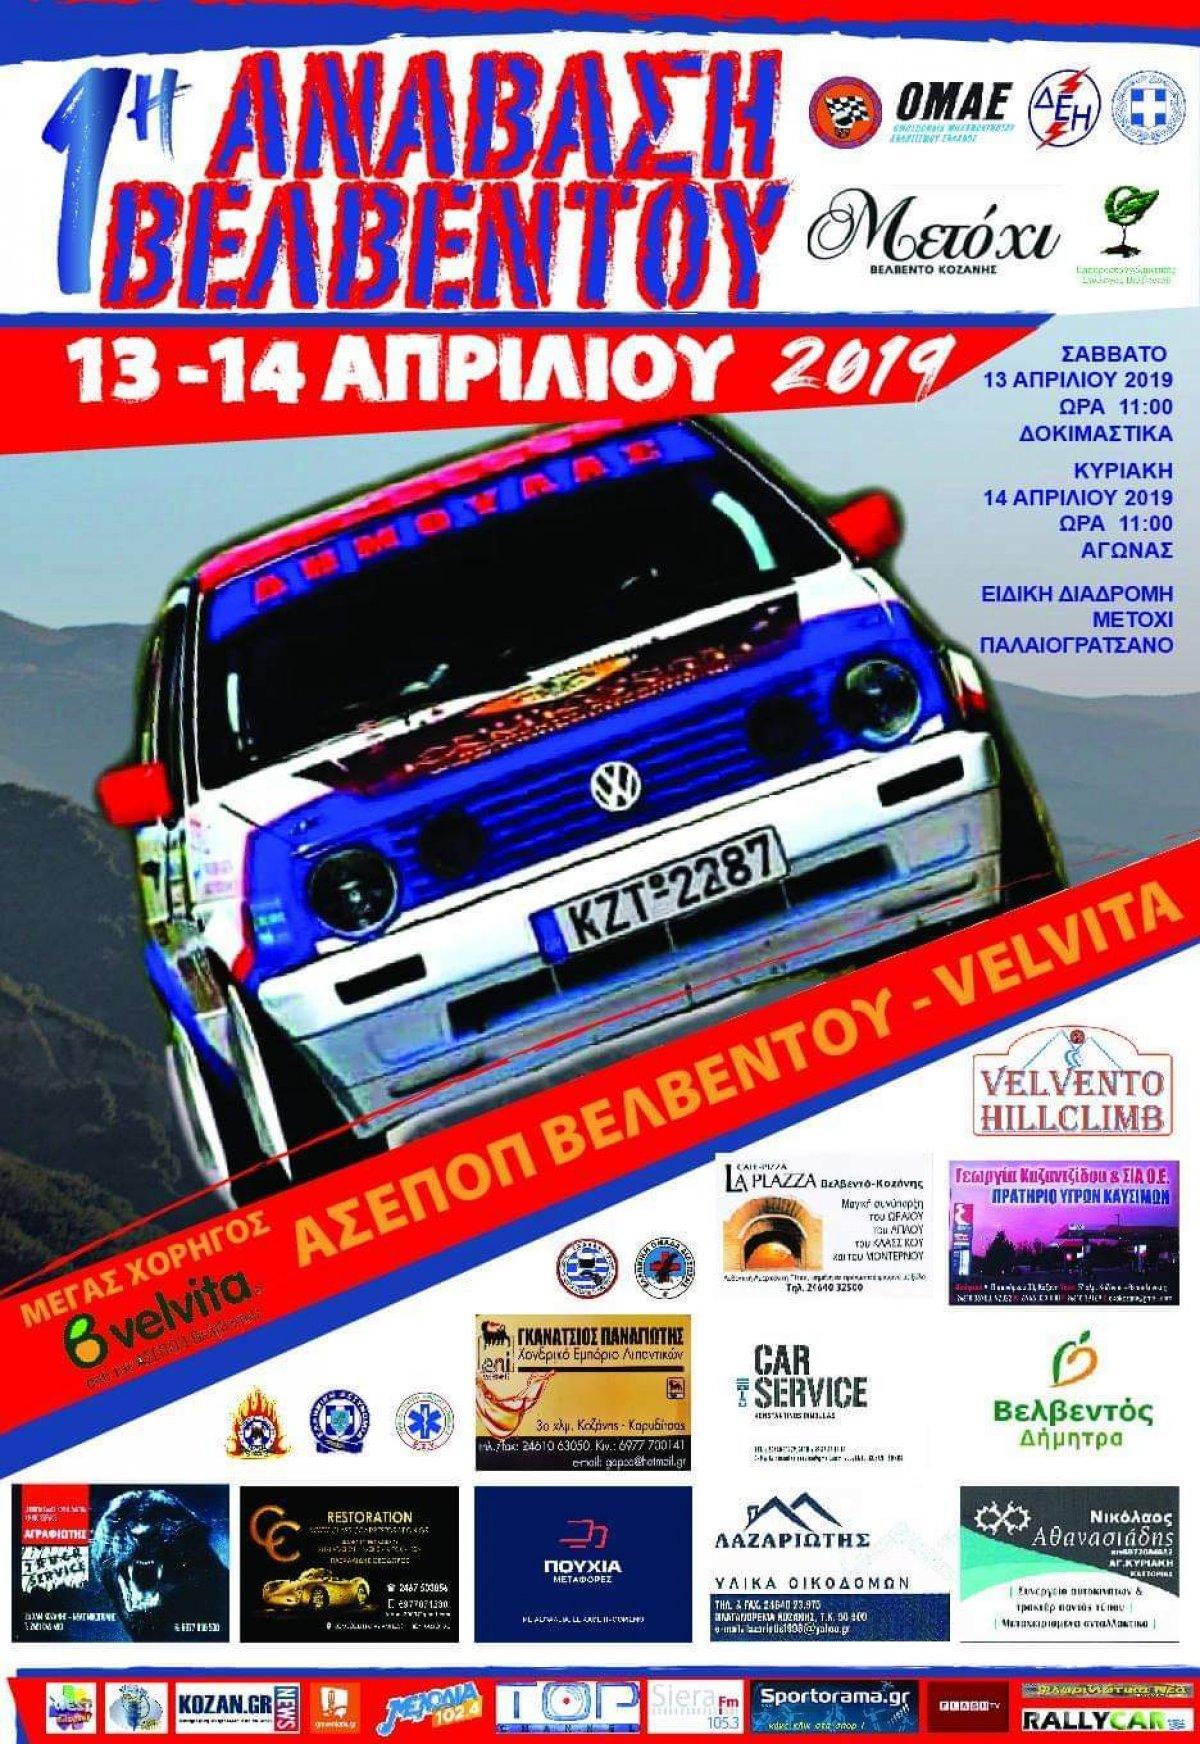 Κύπελλο Αναβάσεων Β. Ελλάδας: Η Επιστροφή Του Βελβεντού (13-14/4)